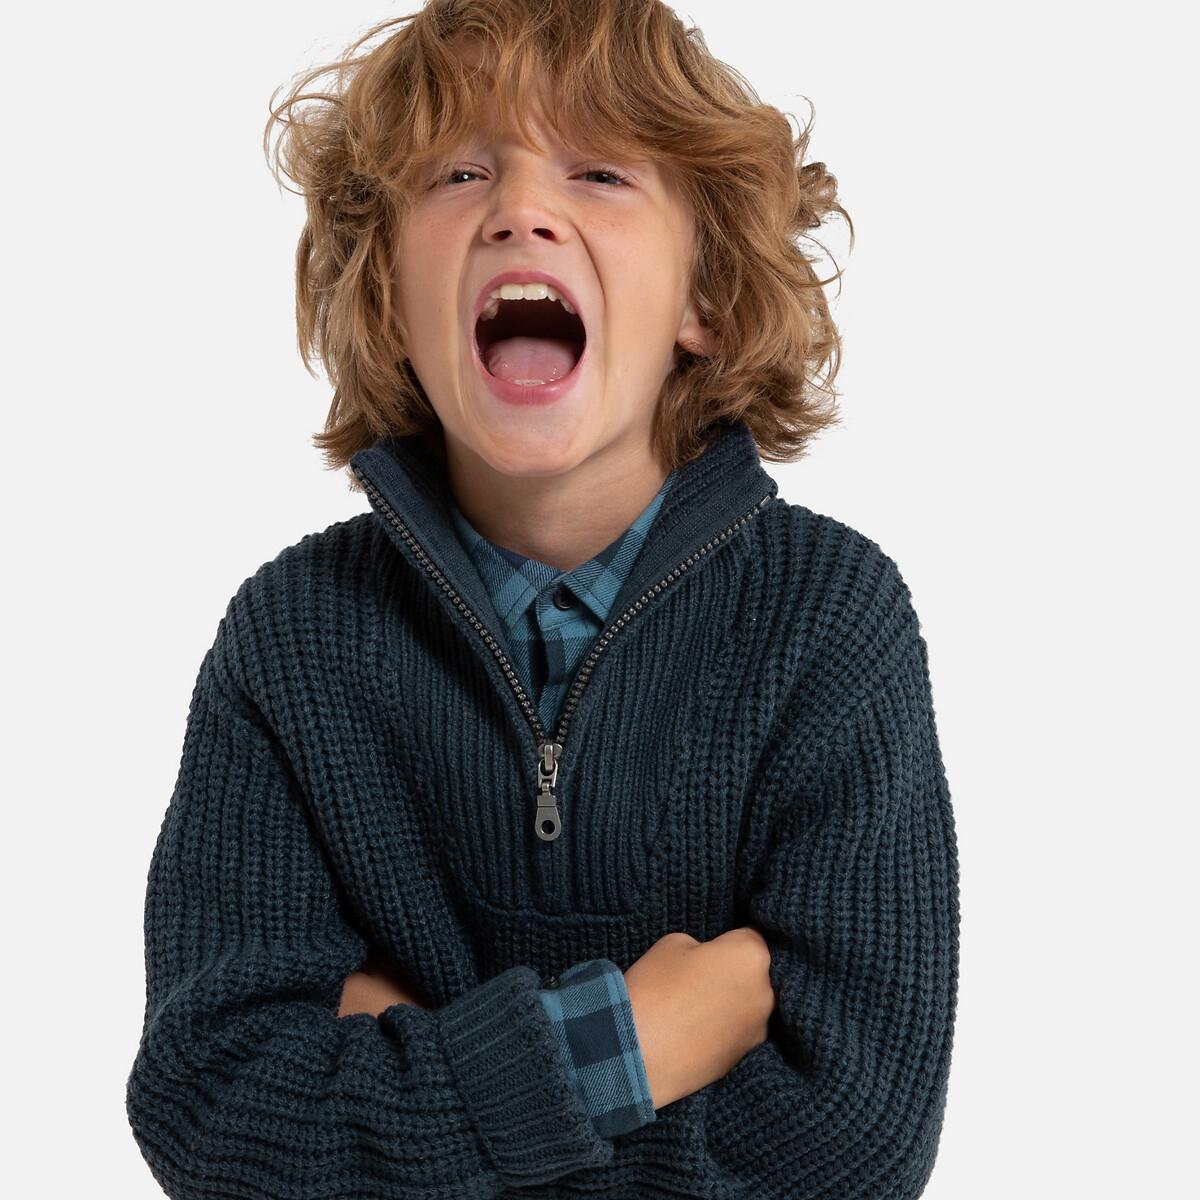 Фото - Пуловер LaRedoute С воротником-стойкой на молнии из плотного трикотажа 3-12 лет 10 лет - 138 см синий кардиган laredoute из плотного трикотажа 3 12 лет 5 лет 108 см синий